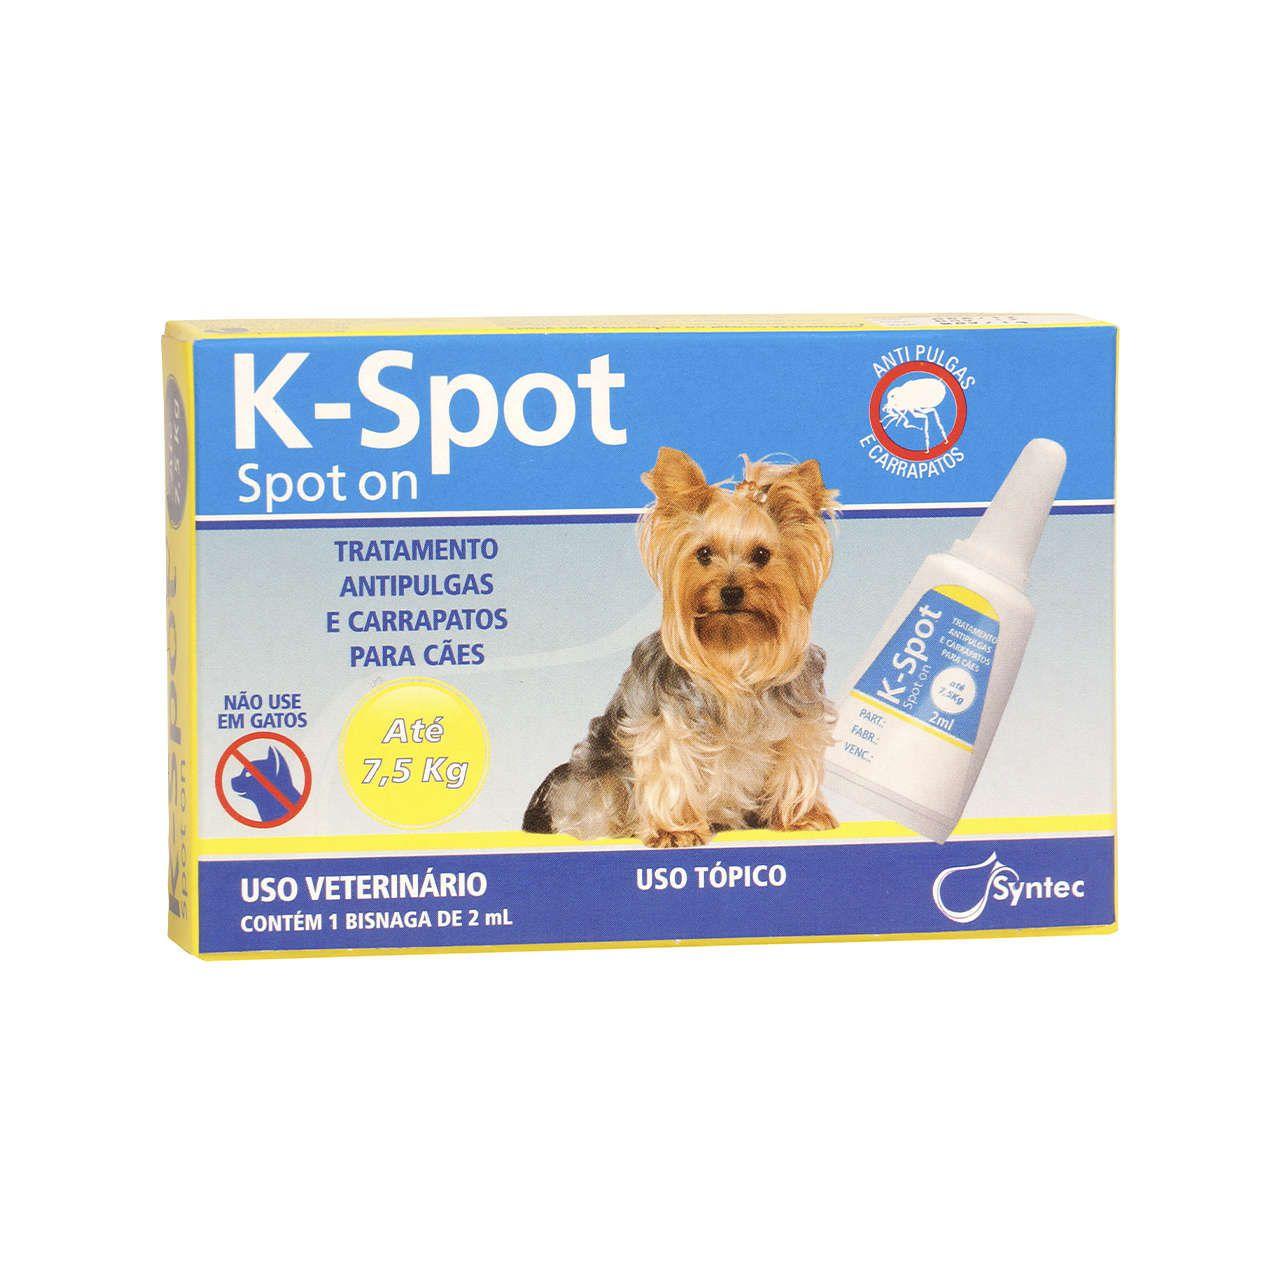 Antipulgas e Carrapatos Syntec K-Spot 2 mL para Cães de até 7,5 Kg